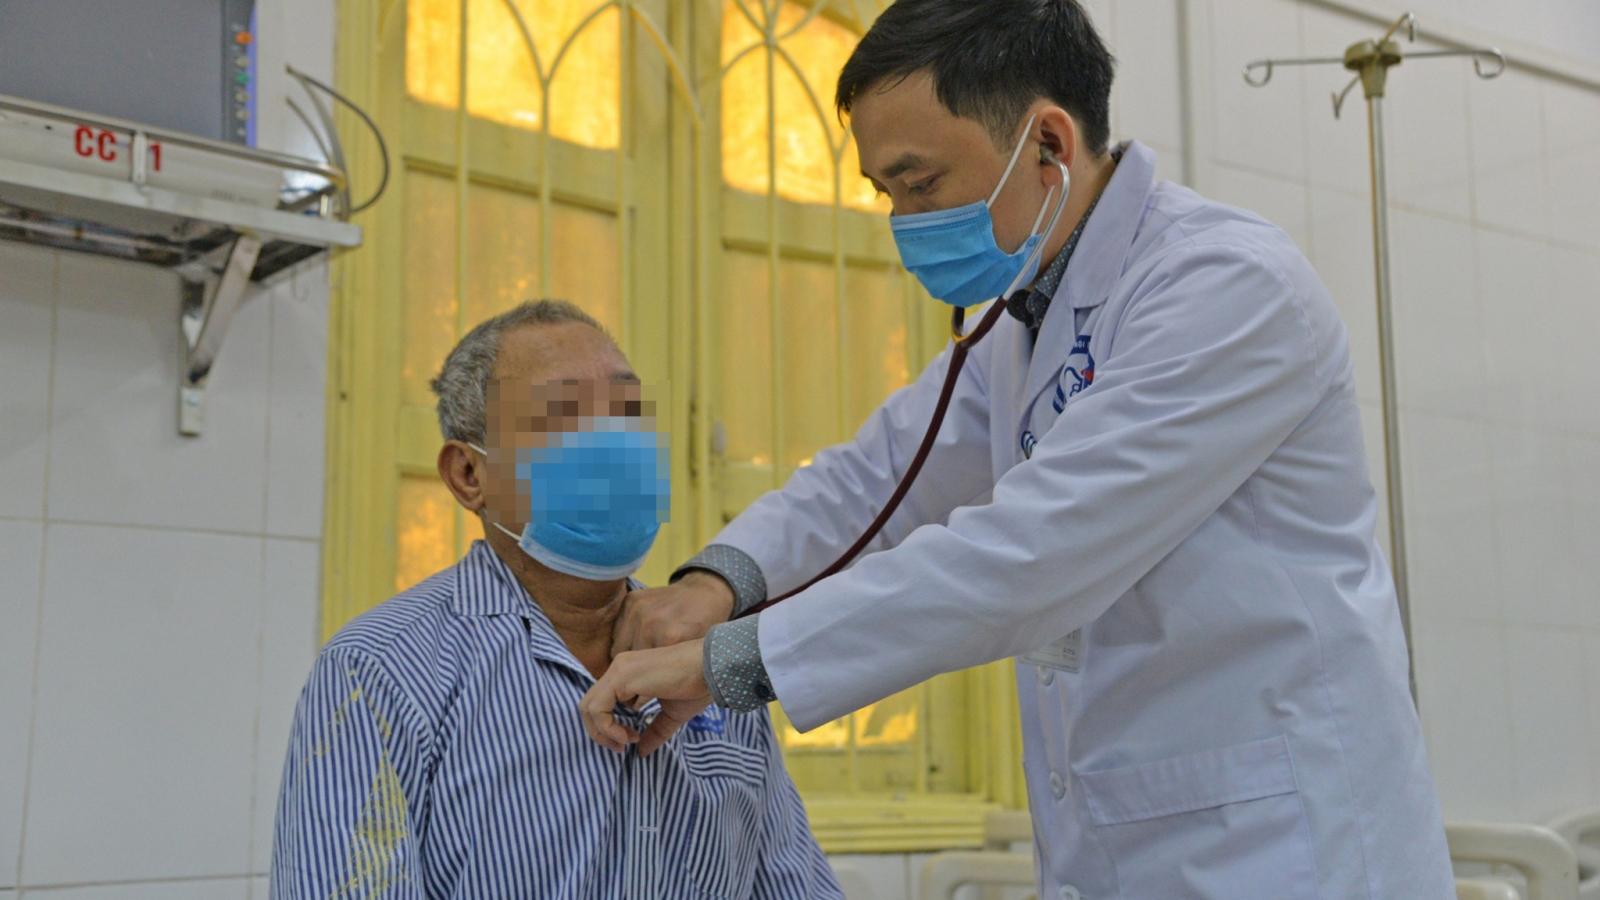 Bỏ chục triệu mua thuốc kiểm soát đường huyết cấp tốc, người bệnh nhập viện cấp cứu